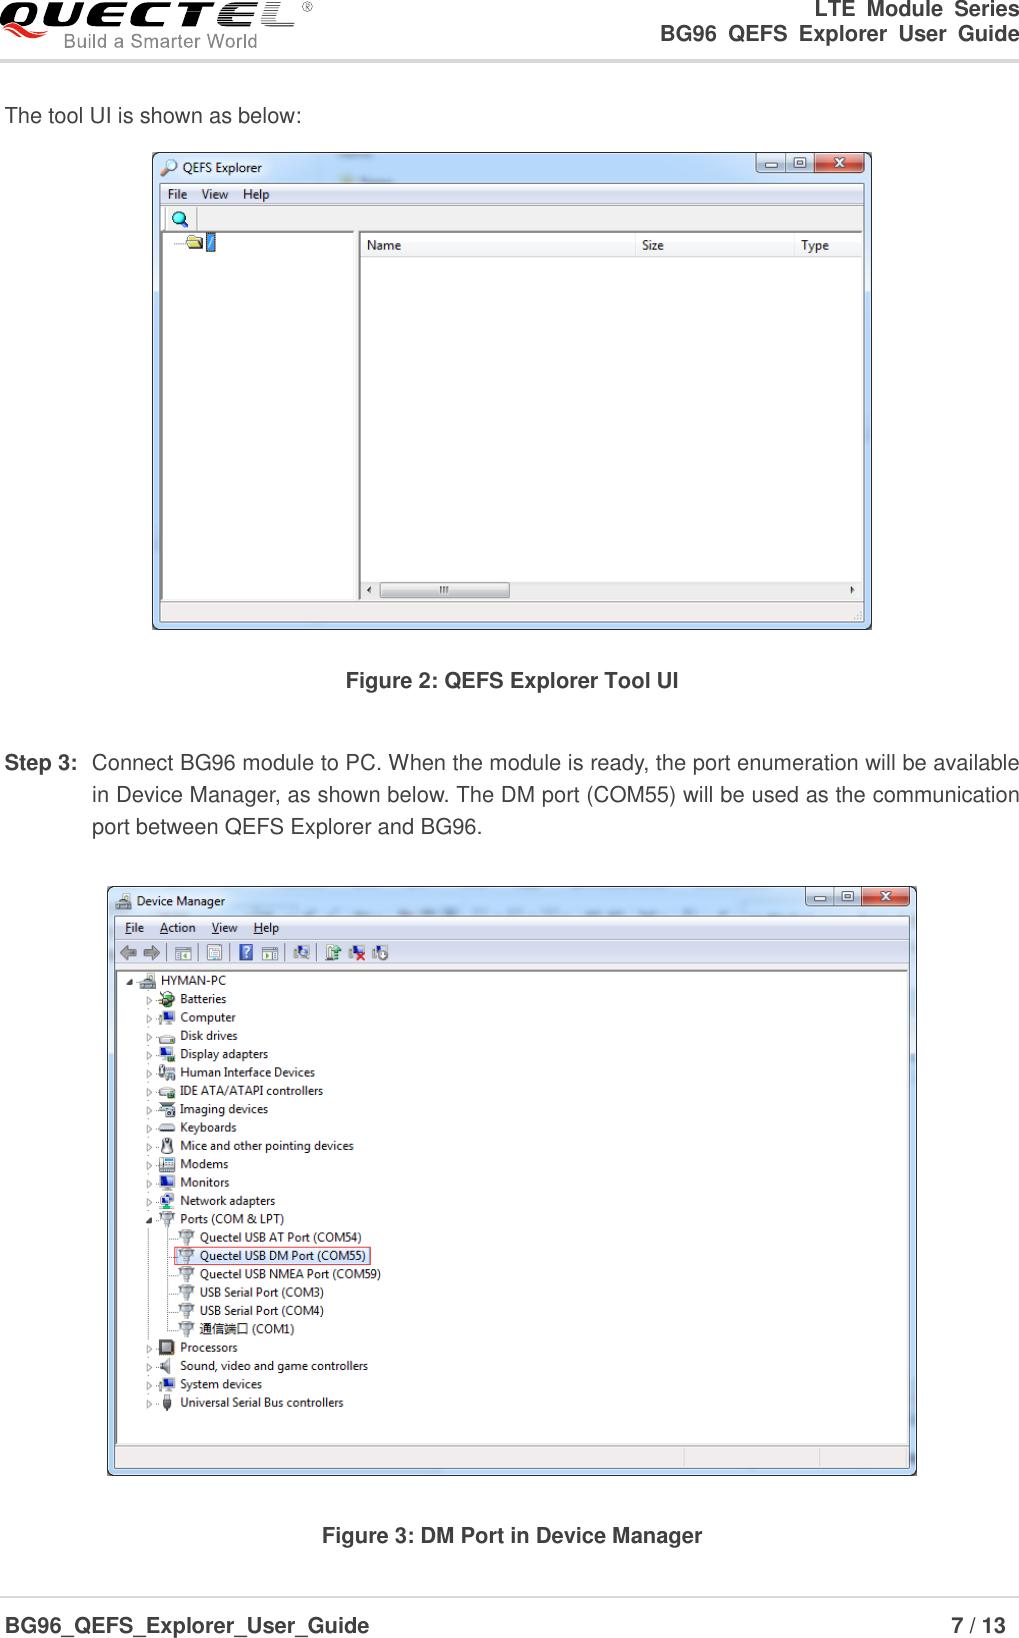 Quectel BG96 QEFS Explorer User Guide V1 0 Preliminary 20180428